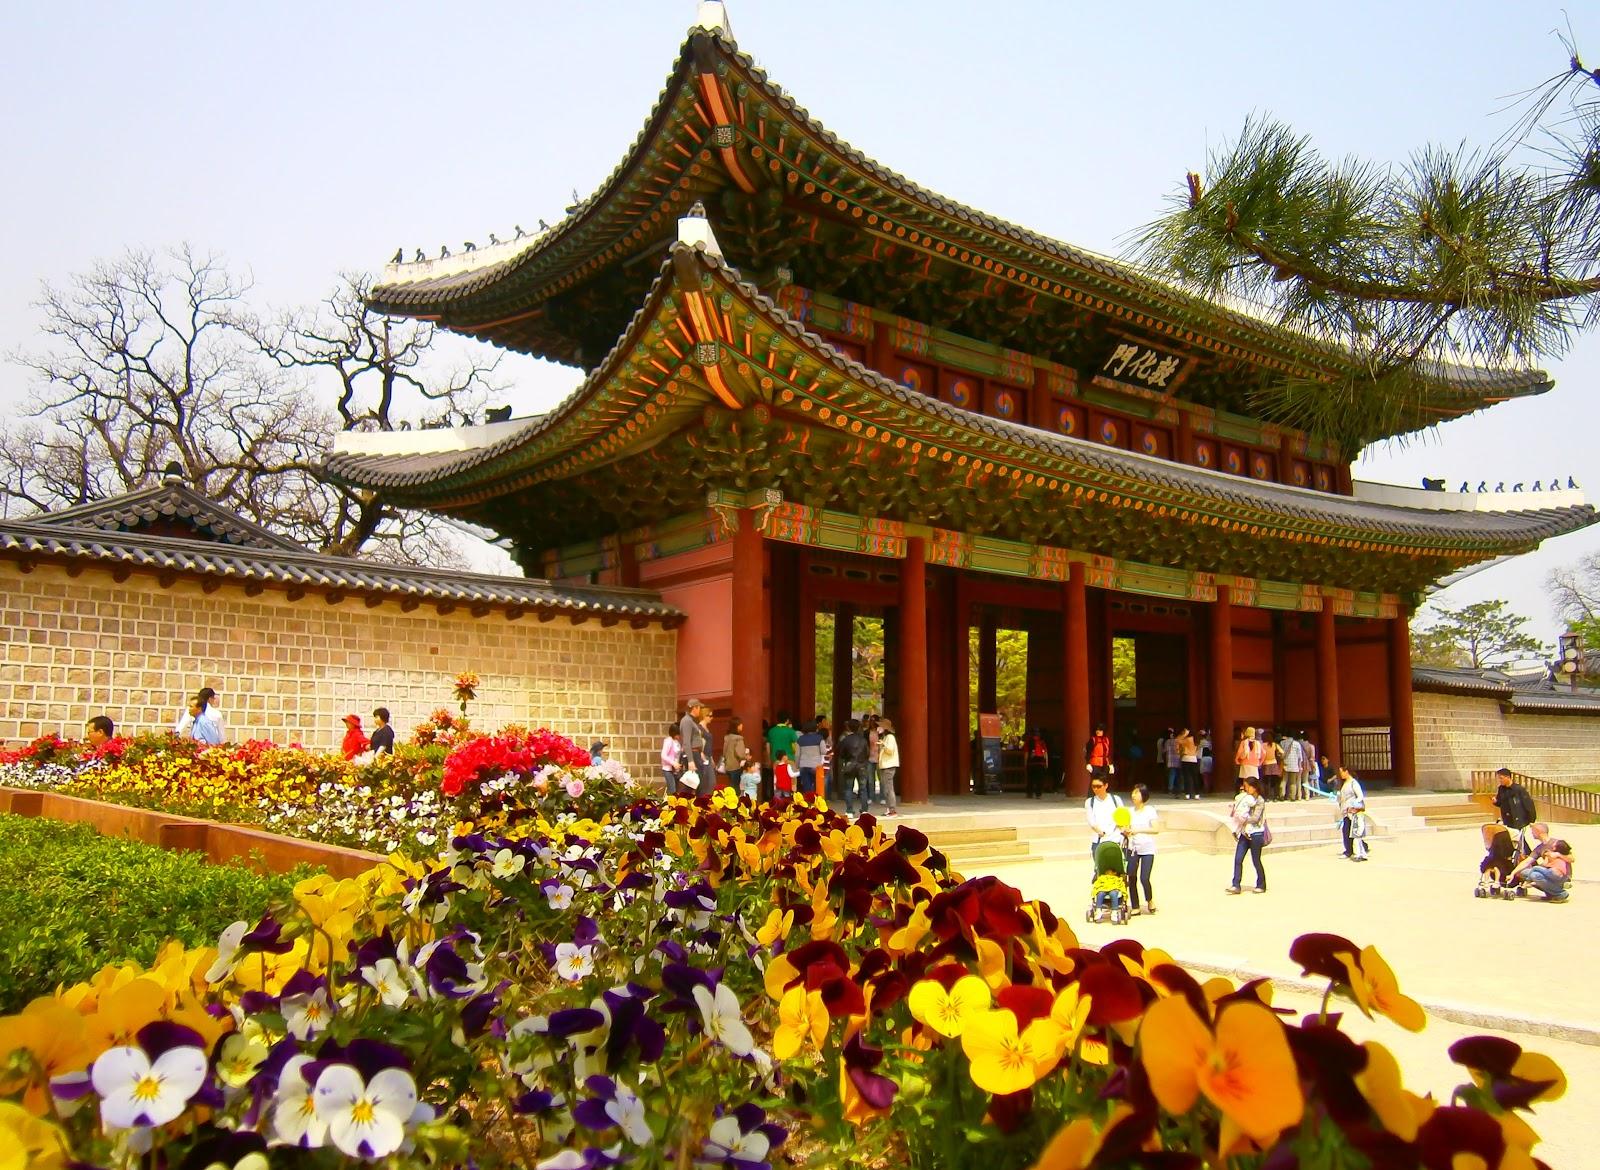 Biwon (Secret) Garden, Changdeokgung | My Korean Adventure